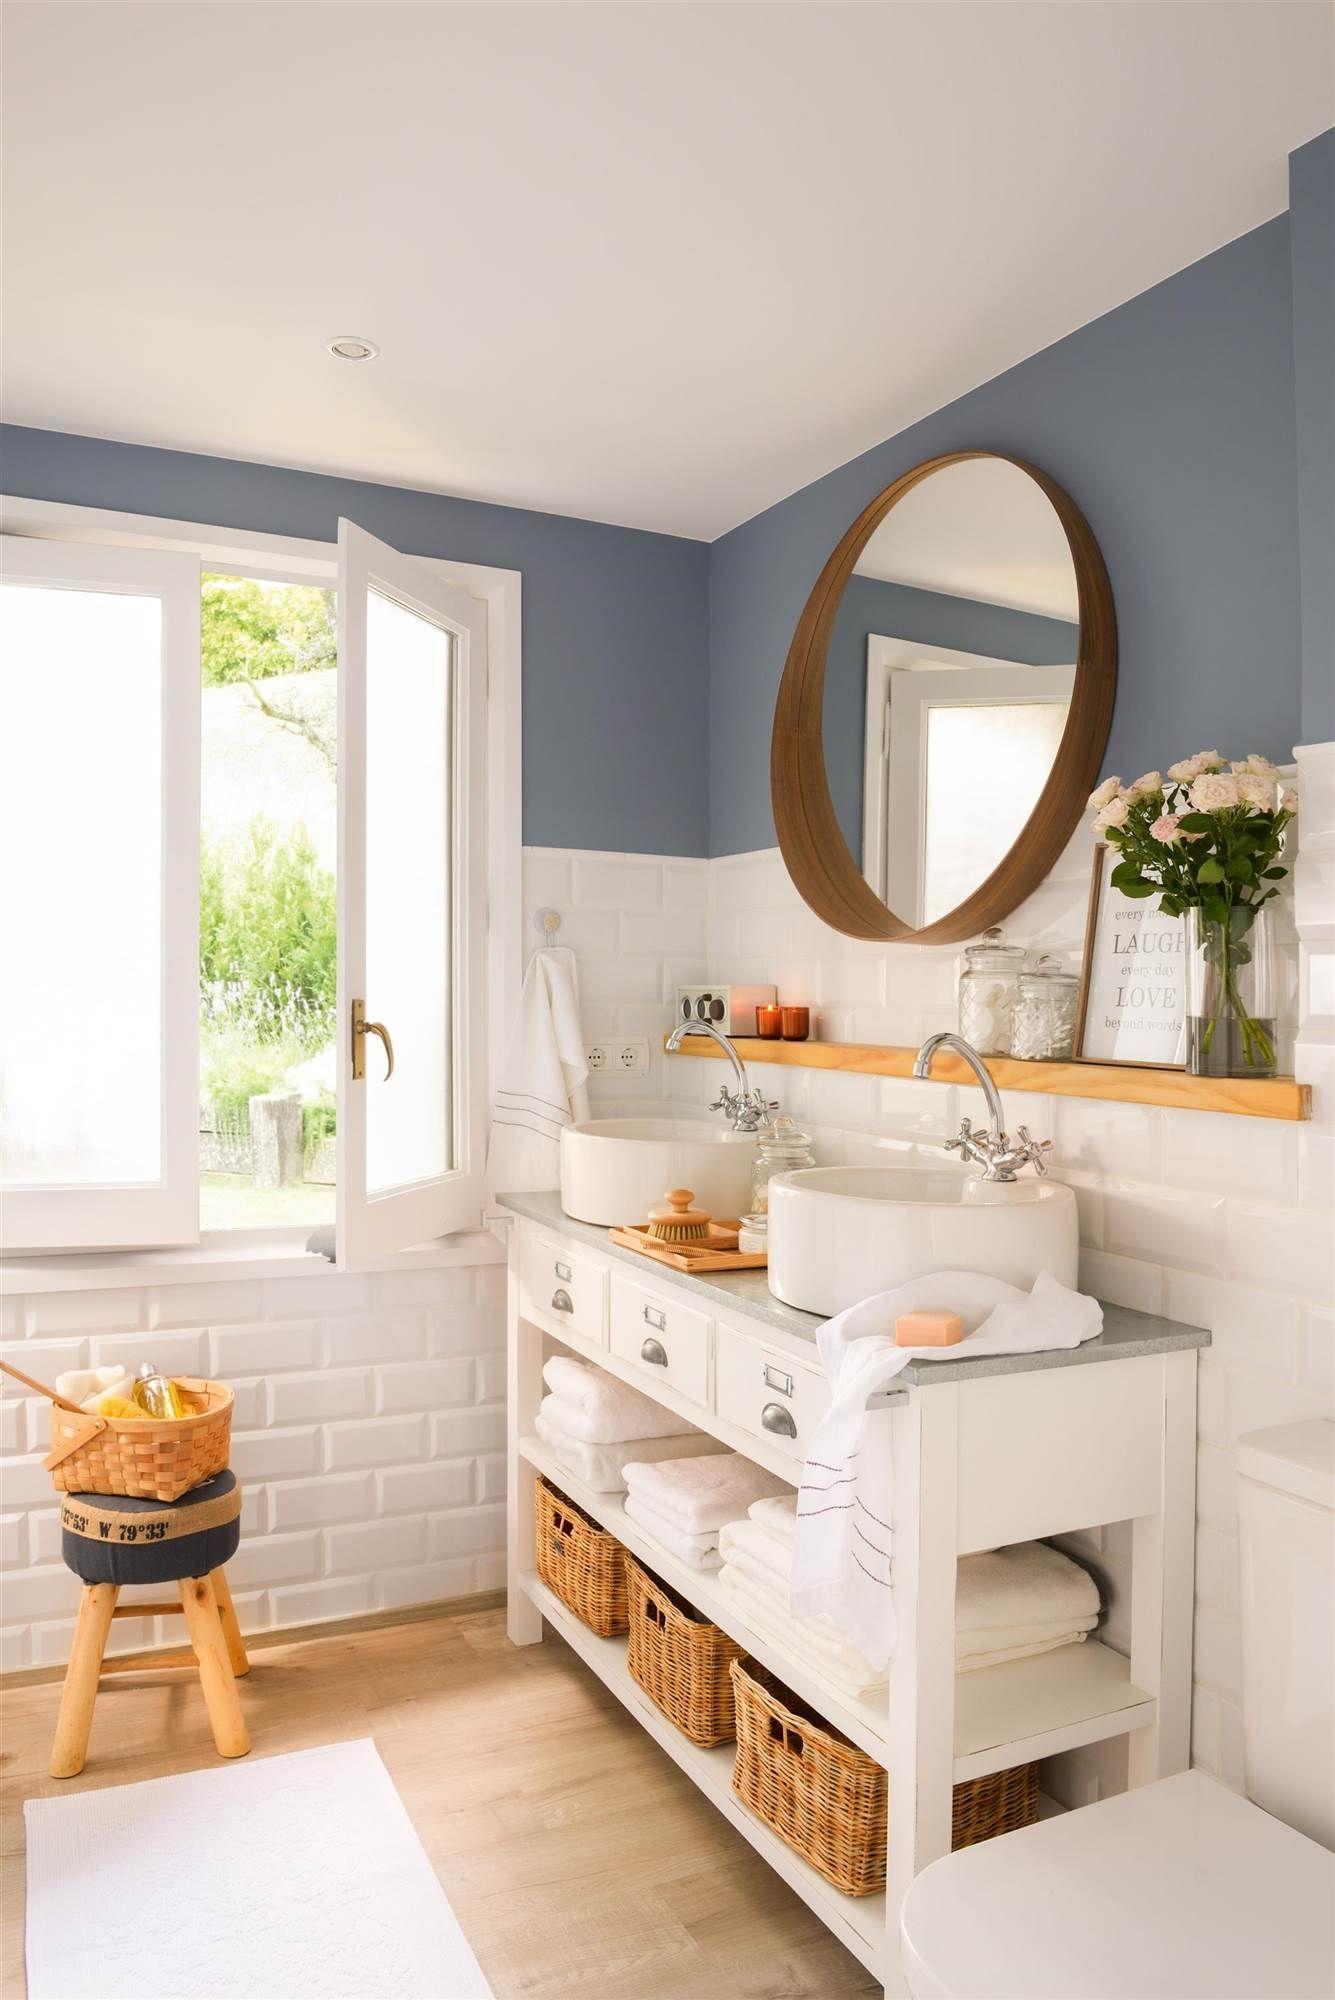 Muebles ba o decoraci n accesorios mamparas y azulejos for Decoracion mueble bano